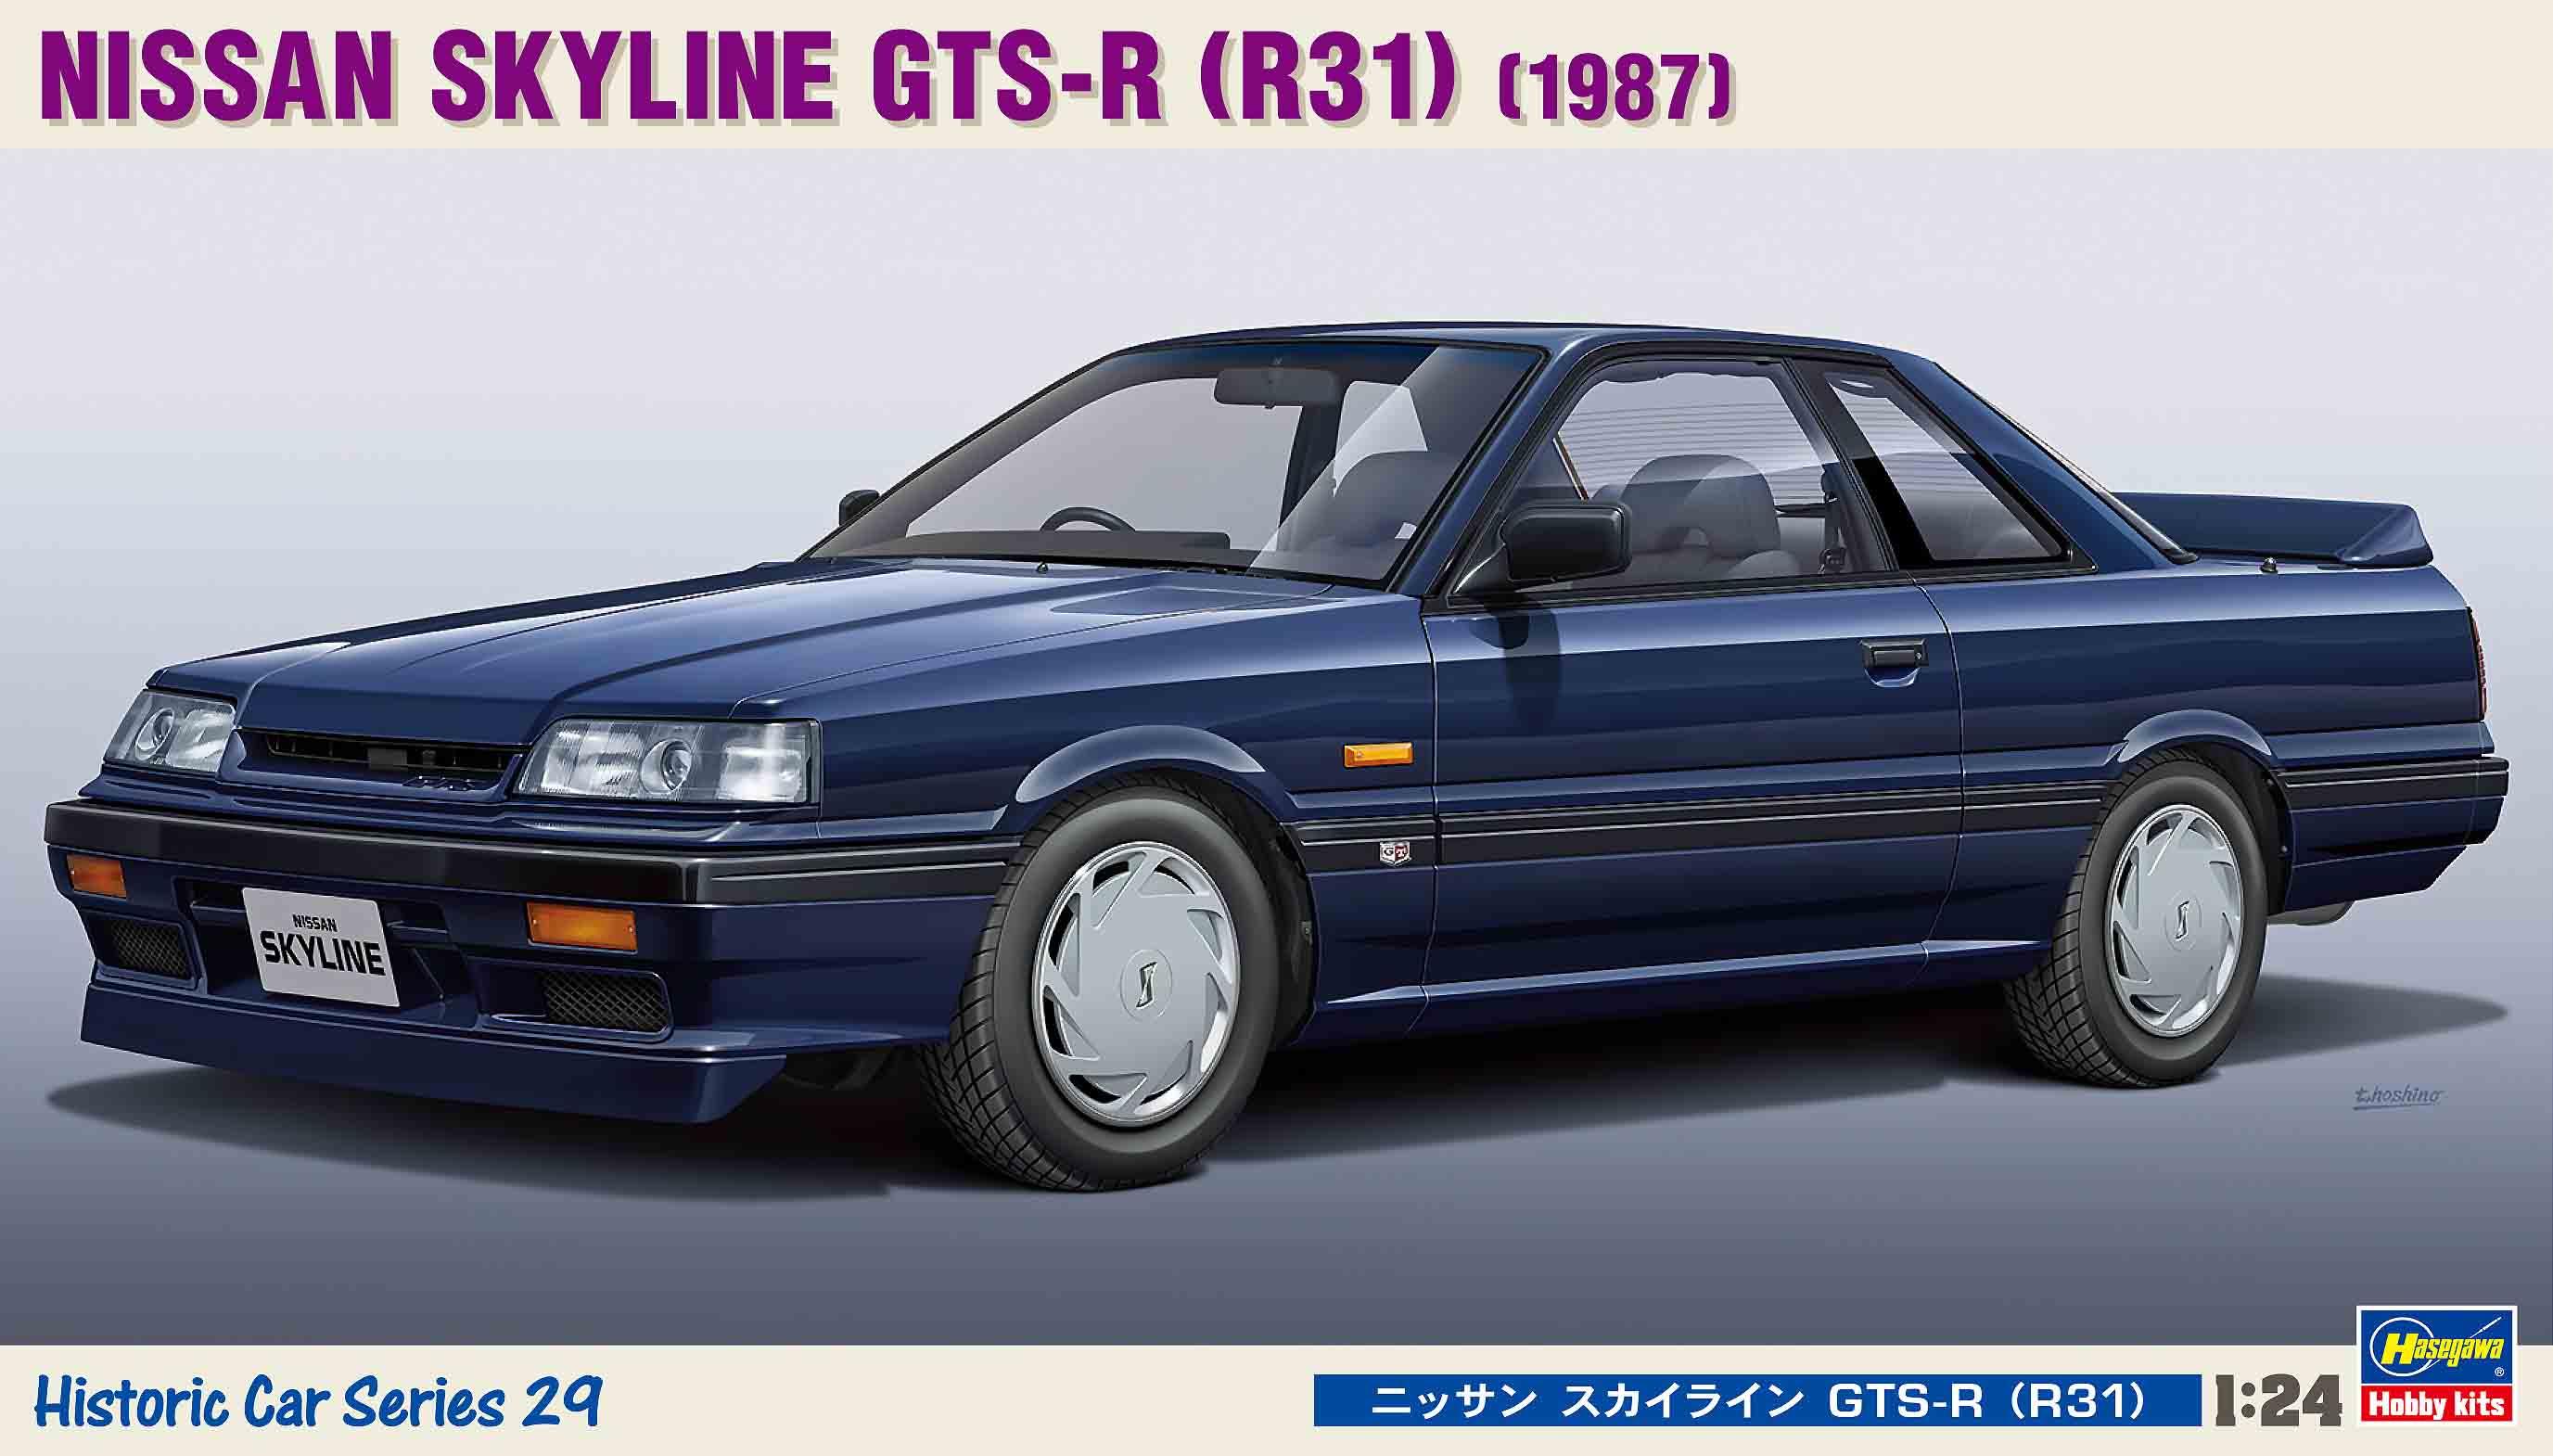 Hasegawa Nissan Skyline Gts-R (R31) HC29